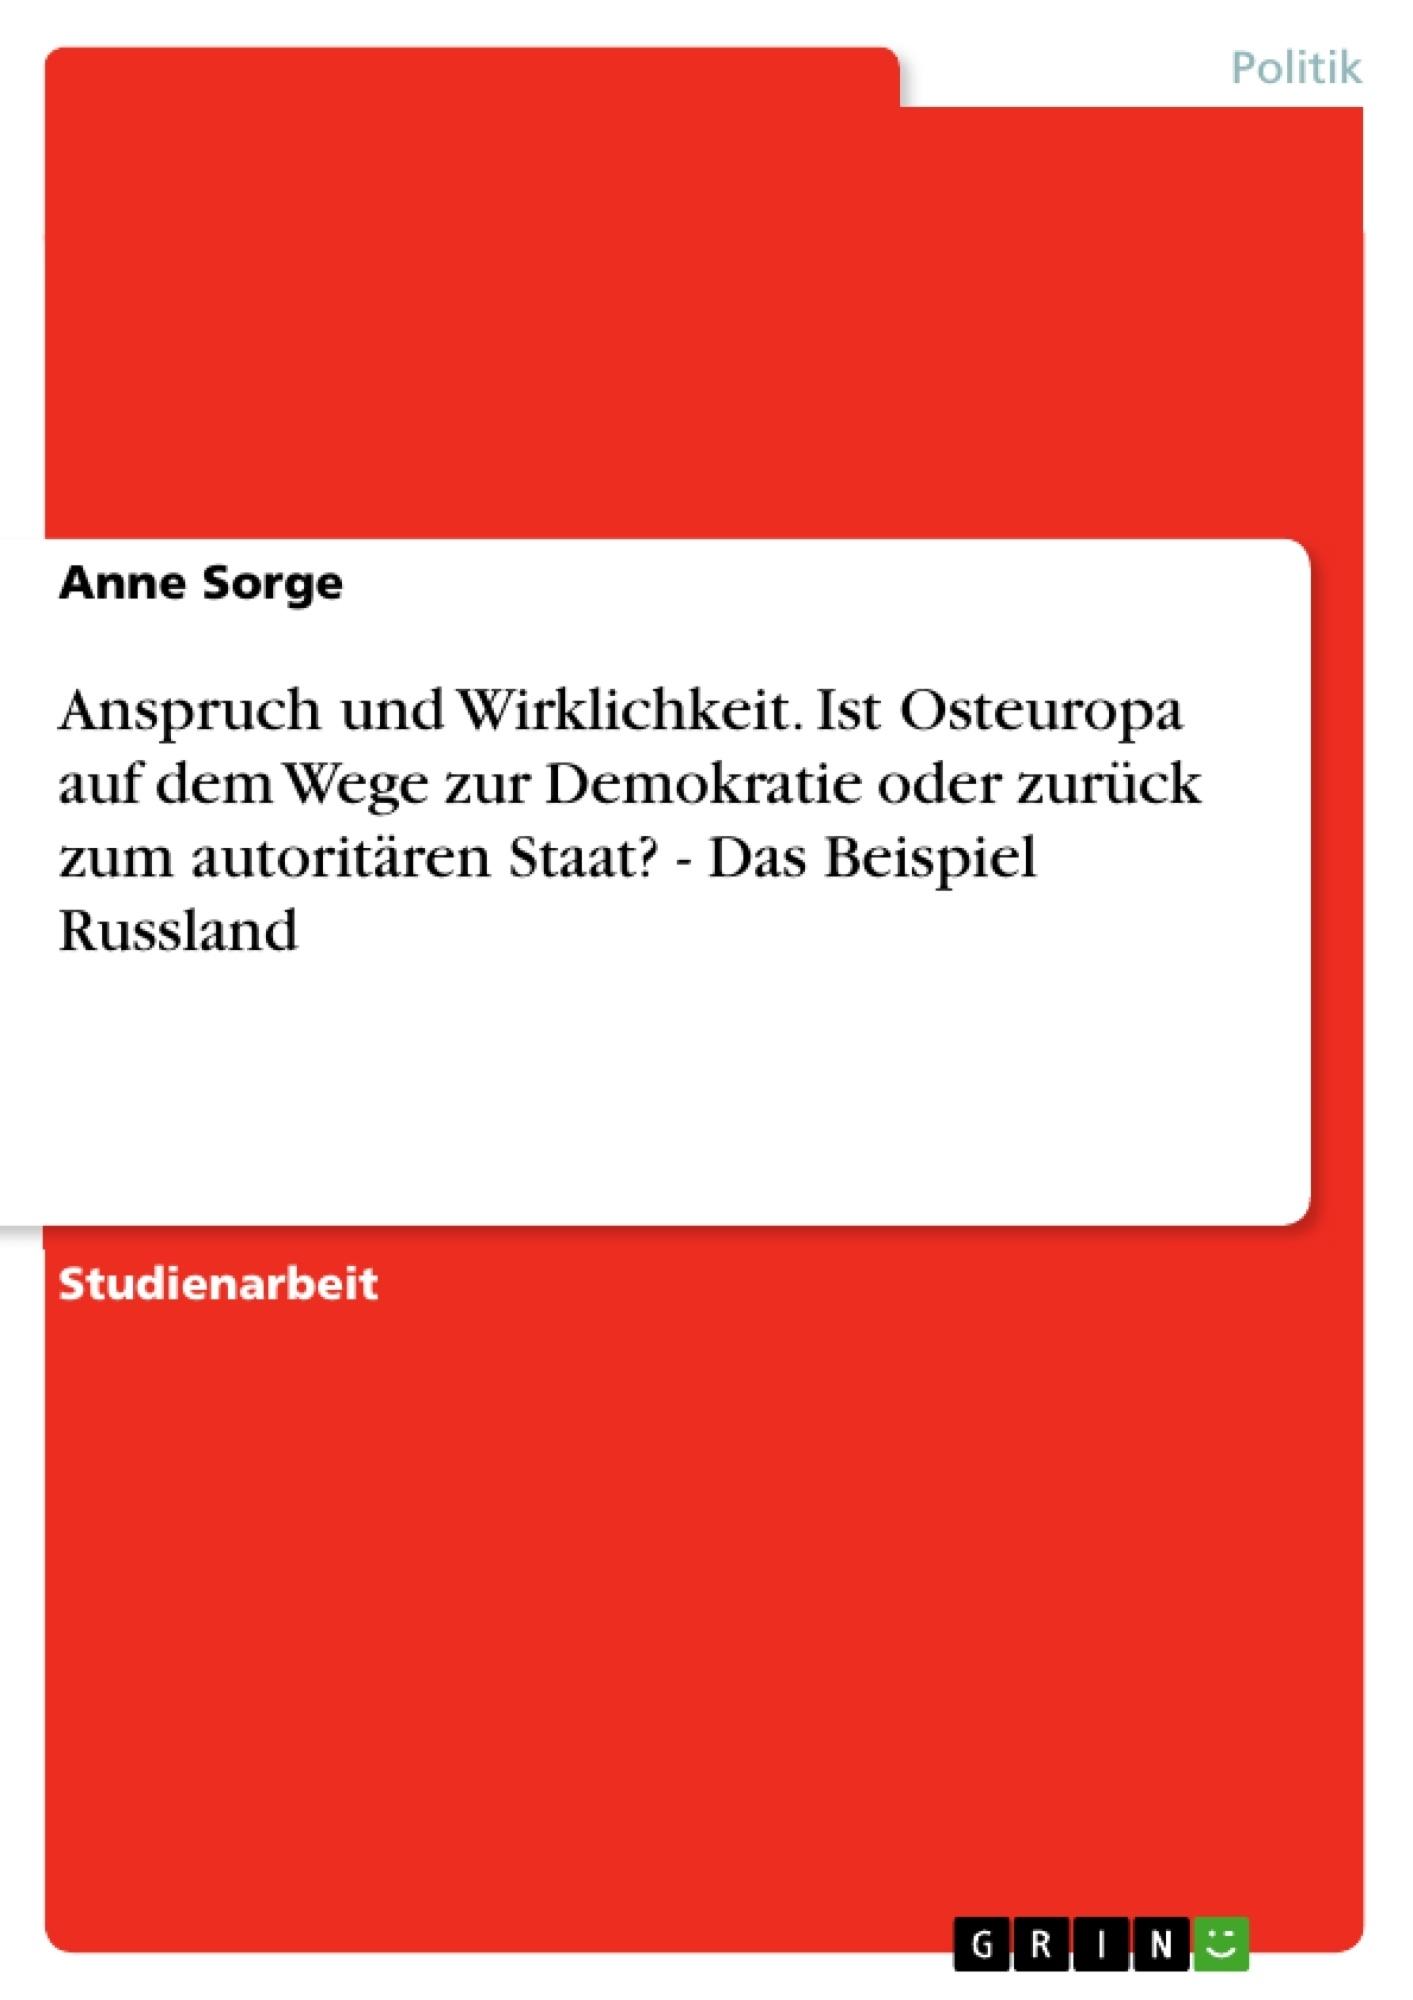 Titel: Anspruch und Wirklichkeit. Ist Osteuropa auf dem Wege zur Demokratie oder zurück zum autoritären Staat?  - Das Beispiel Russland